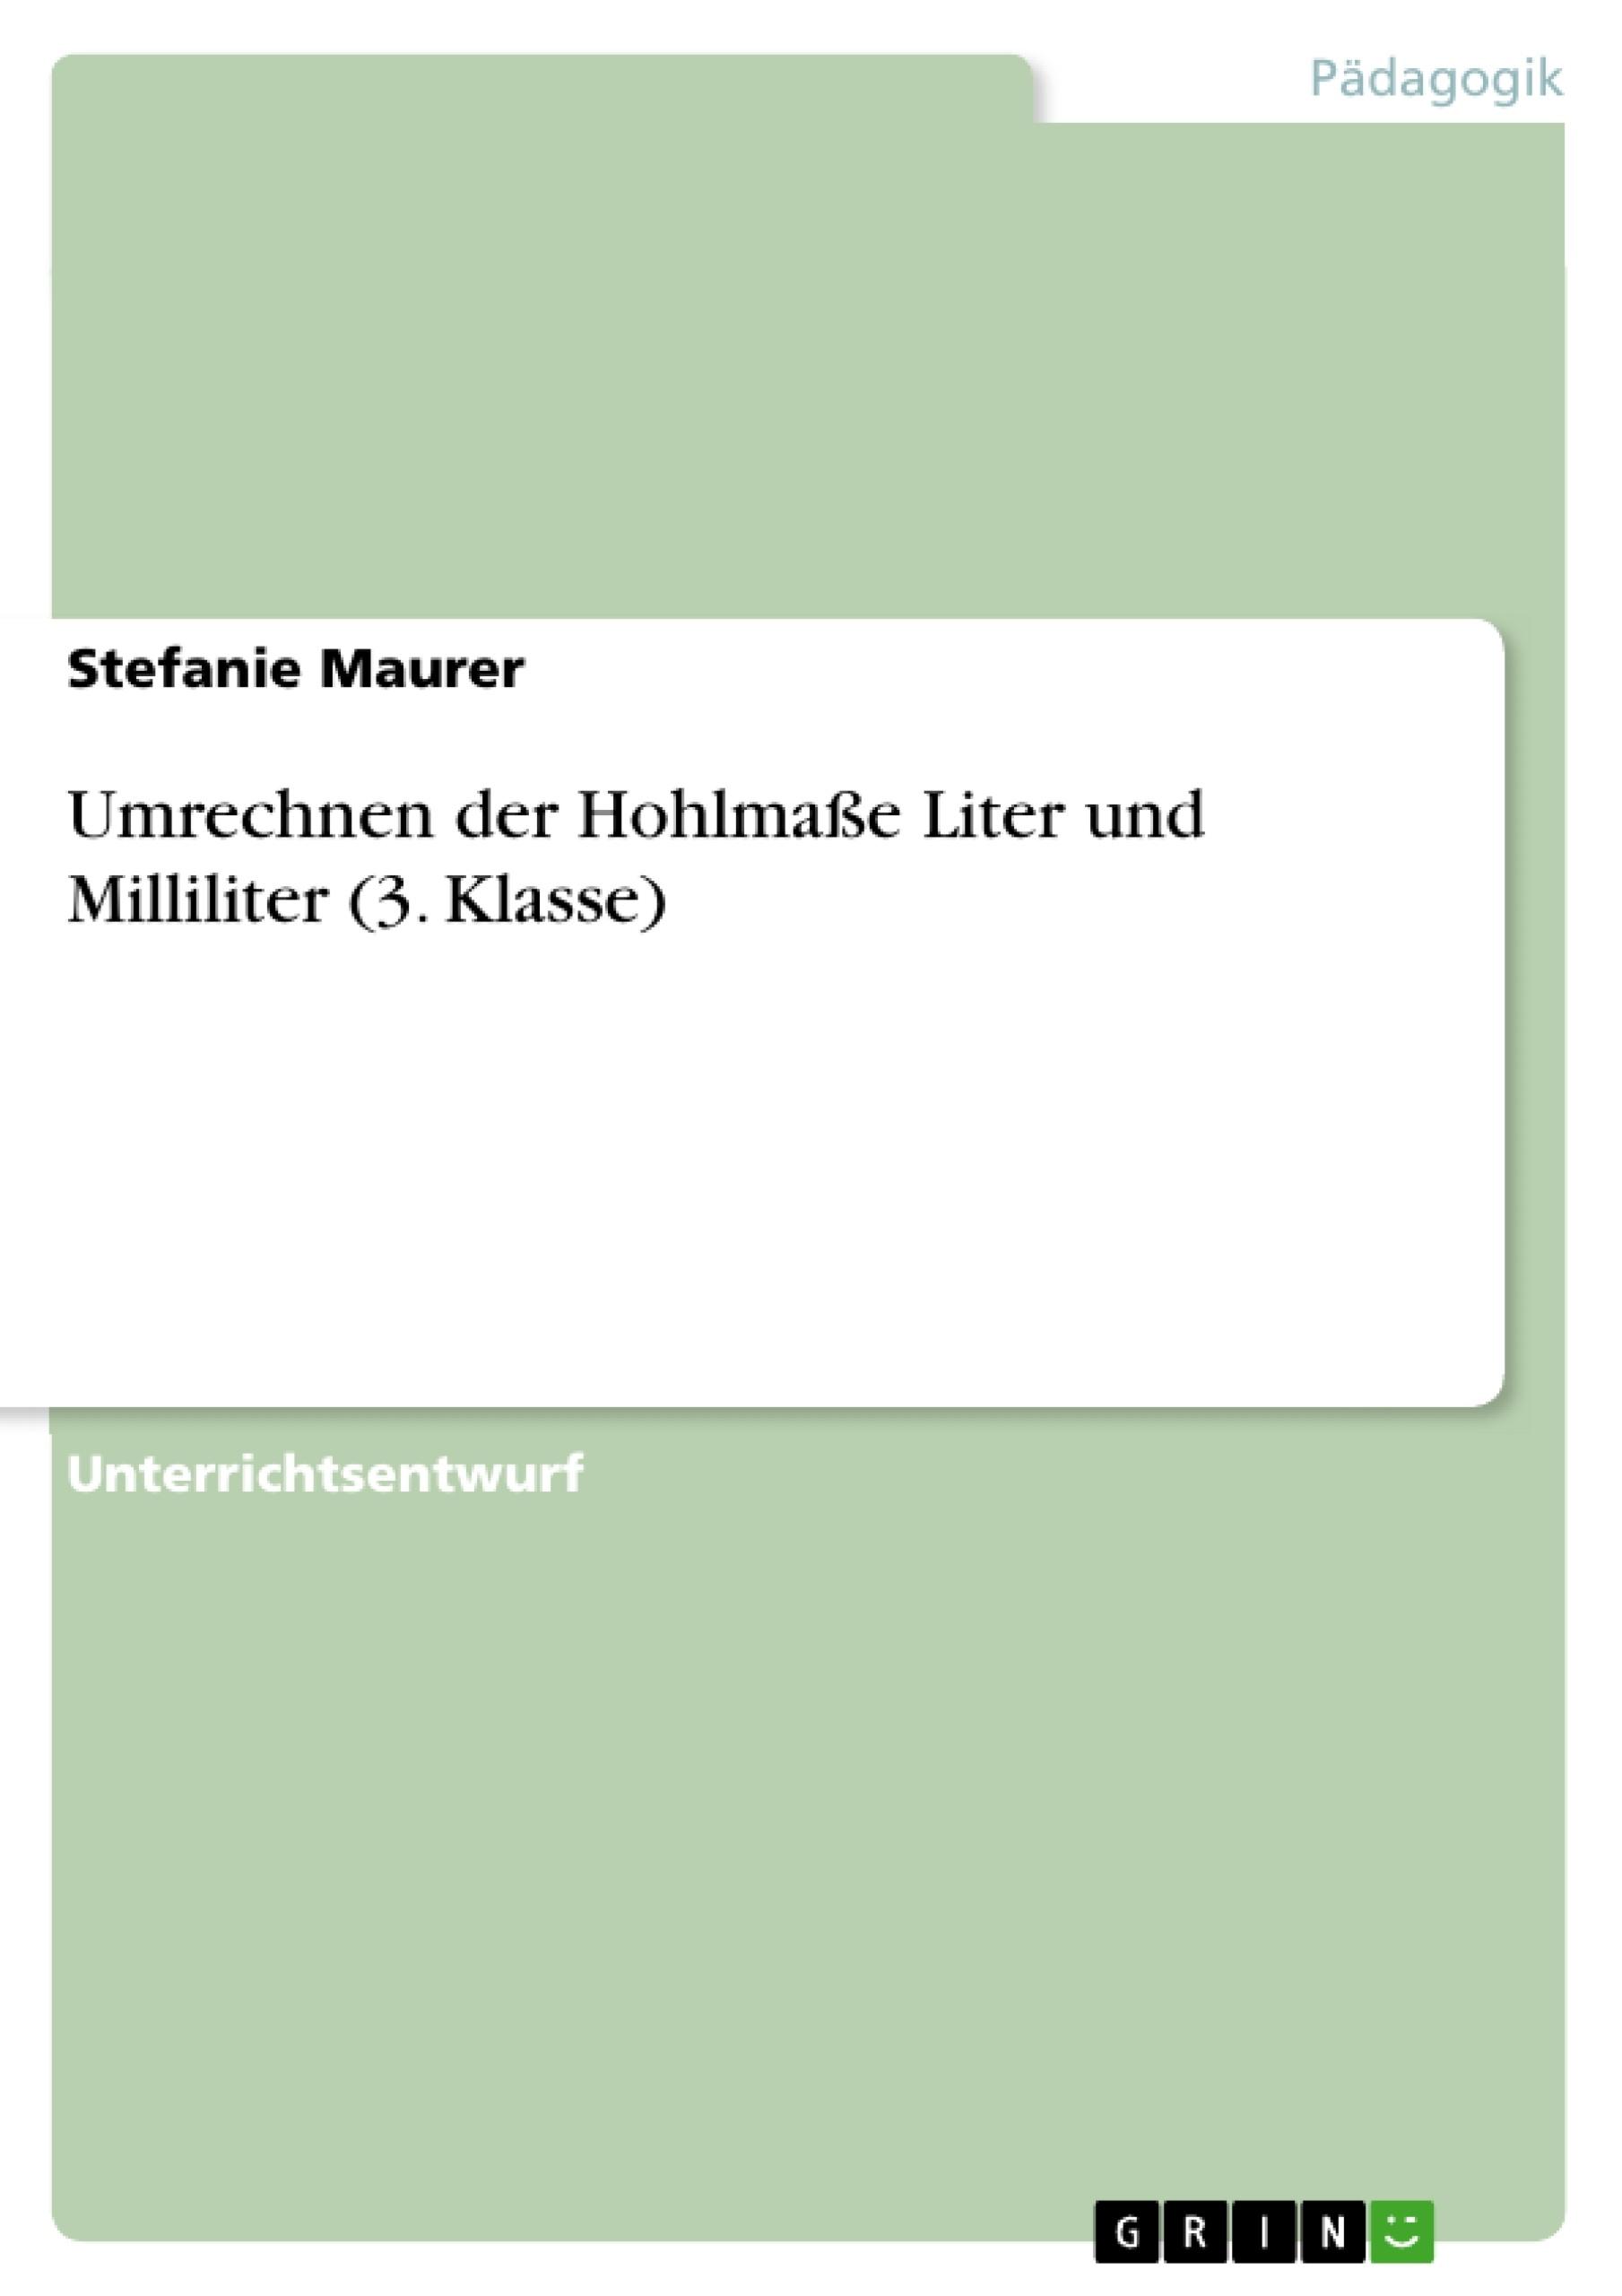 Umrechnen der Hohlmaße Liter und Milliliter (3. Klasse ...